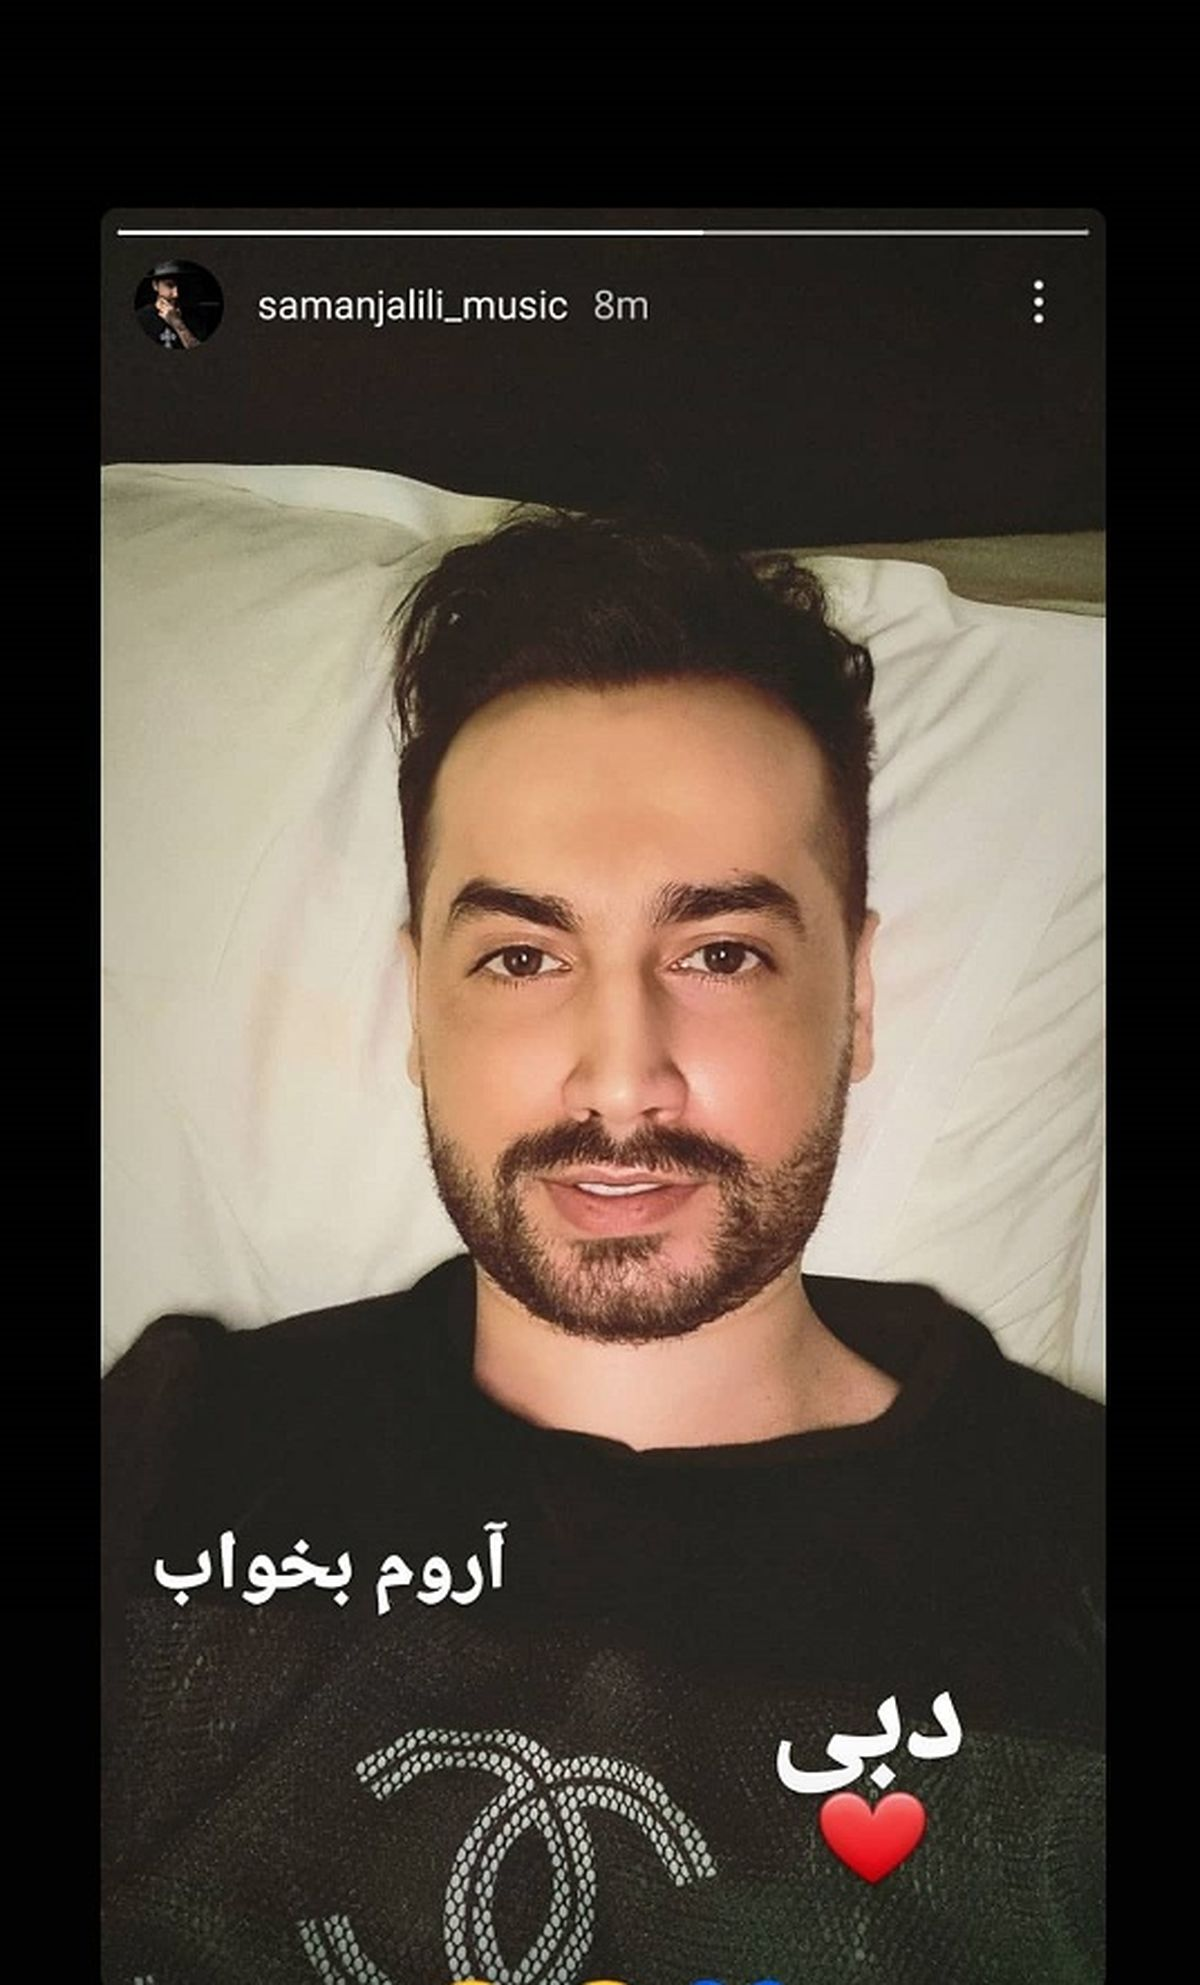 خواننده معروف ایران سامان جلیلی مهاجرت کرد و از ایران رفت